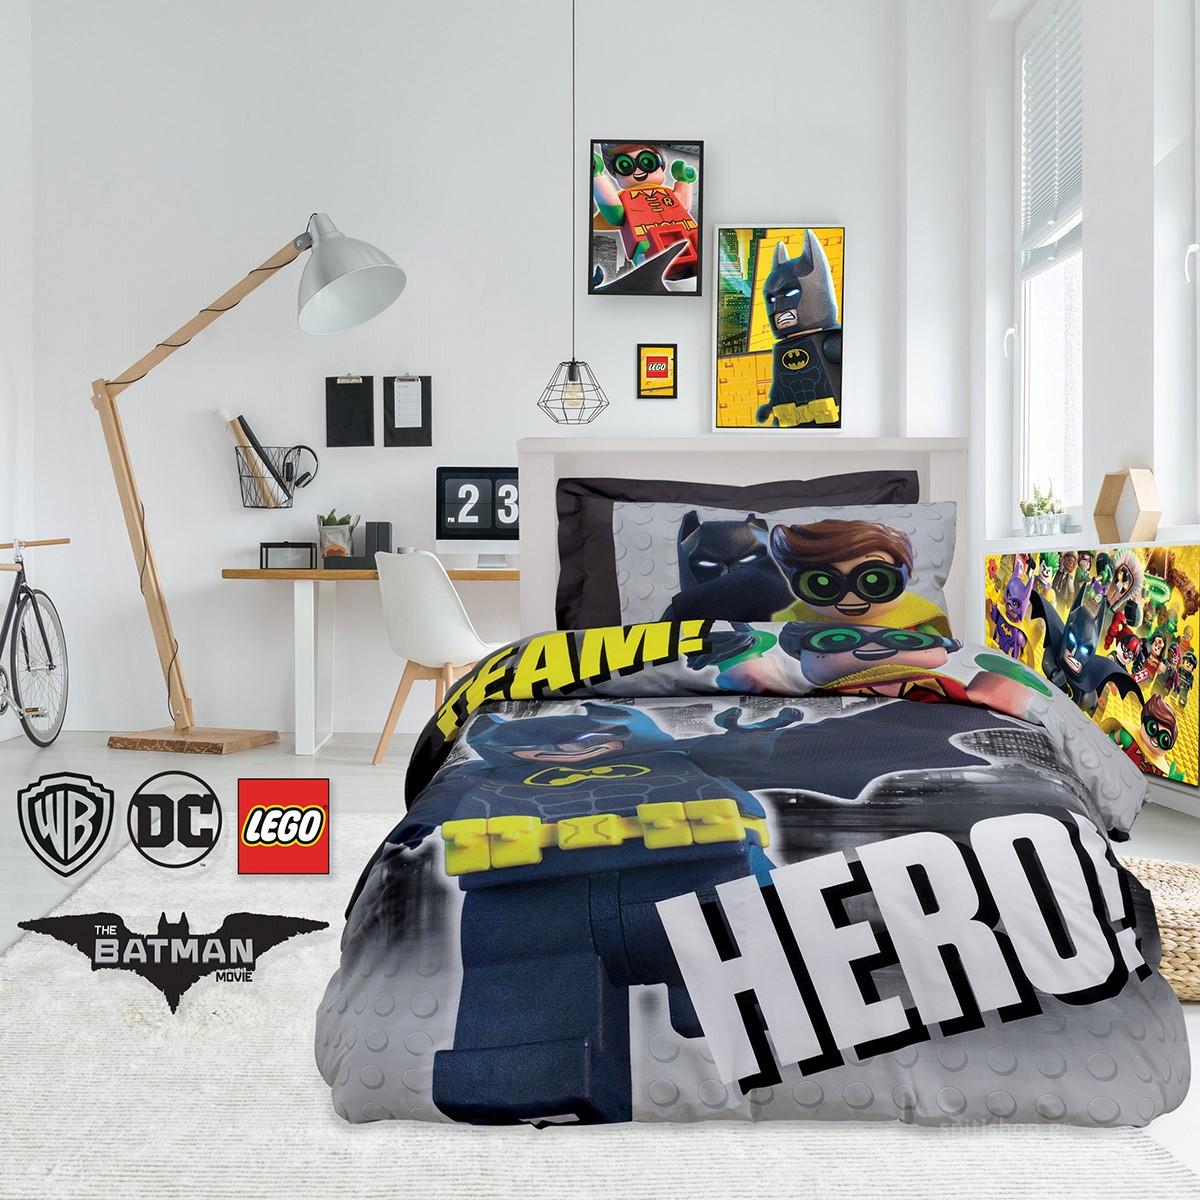 Κουβερλί Μονό (Σετ) Das Home Lego Batman 5004